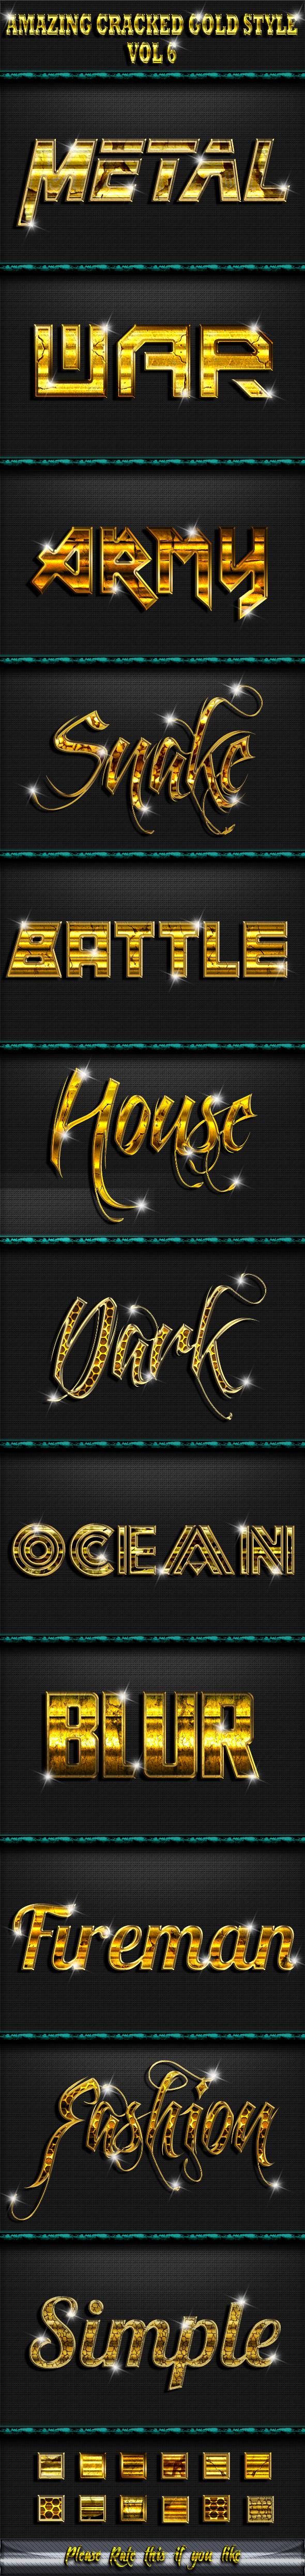 Amazing Cracked Gold Text Effect Style V6 - Styles Photoshop